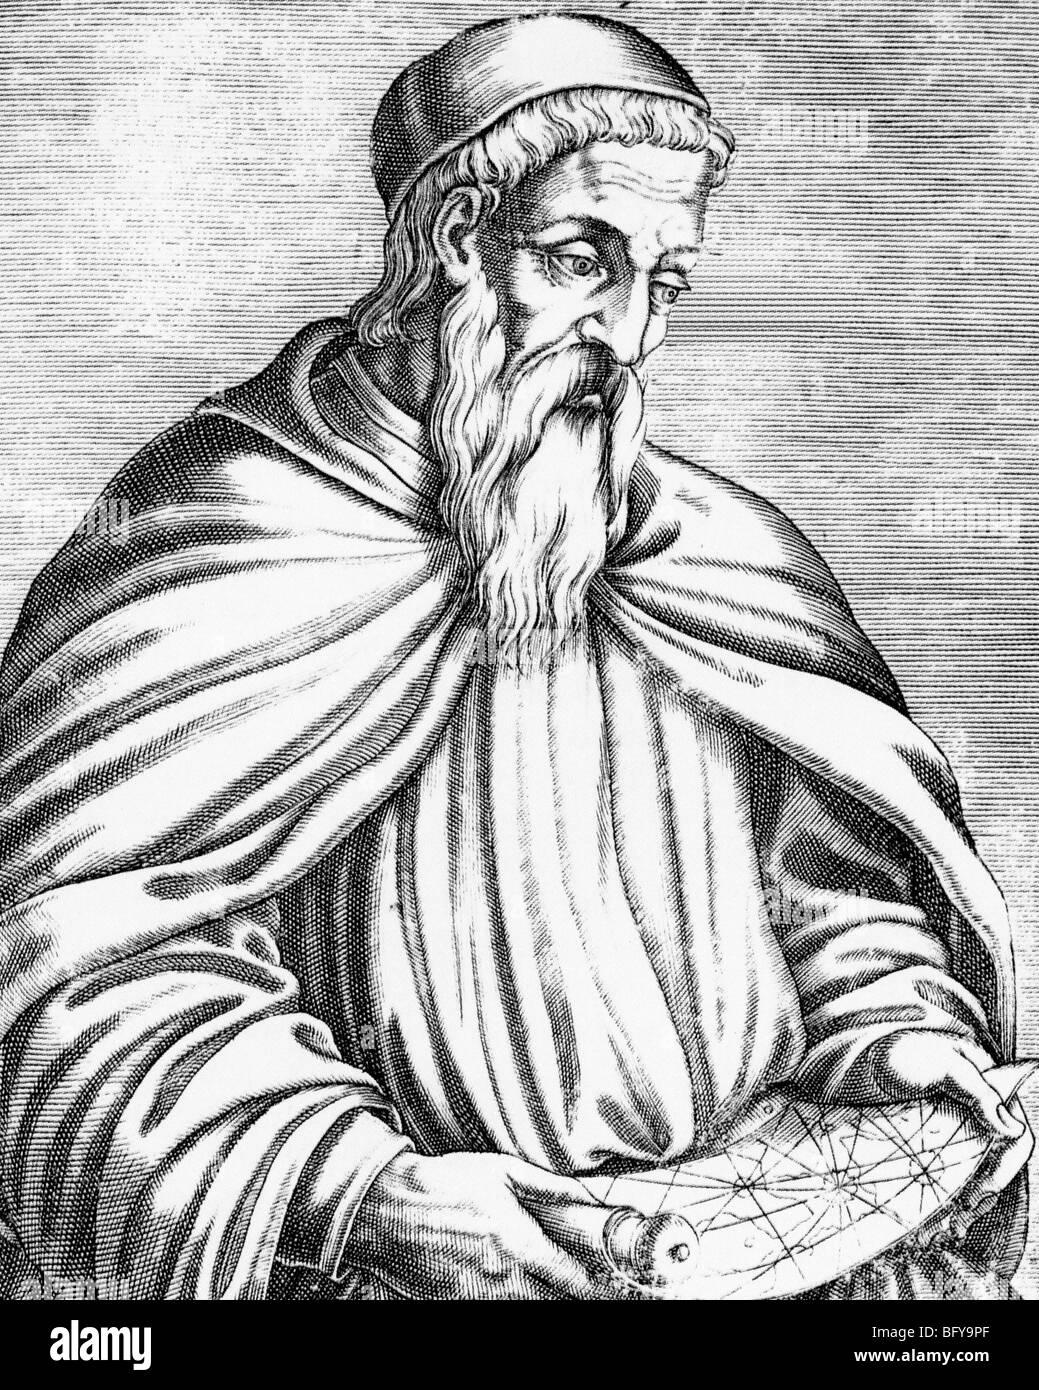 AMERIGO VESPUCCI (1451-1512) italienischer Explorer in einem Kupferstich aus dem 16. Jahrhundert. Amerika ist nach Stockbild